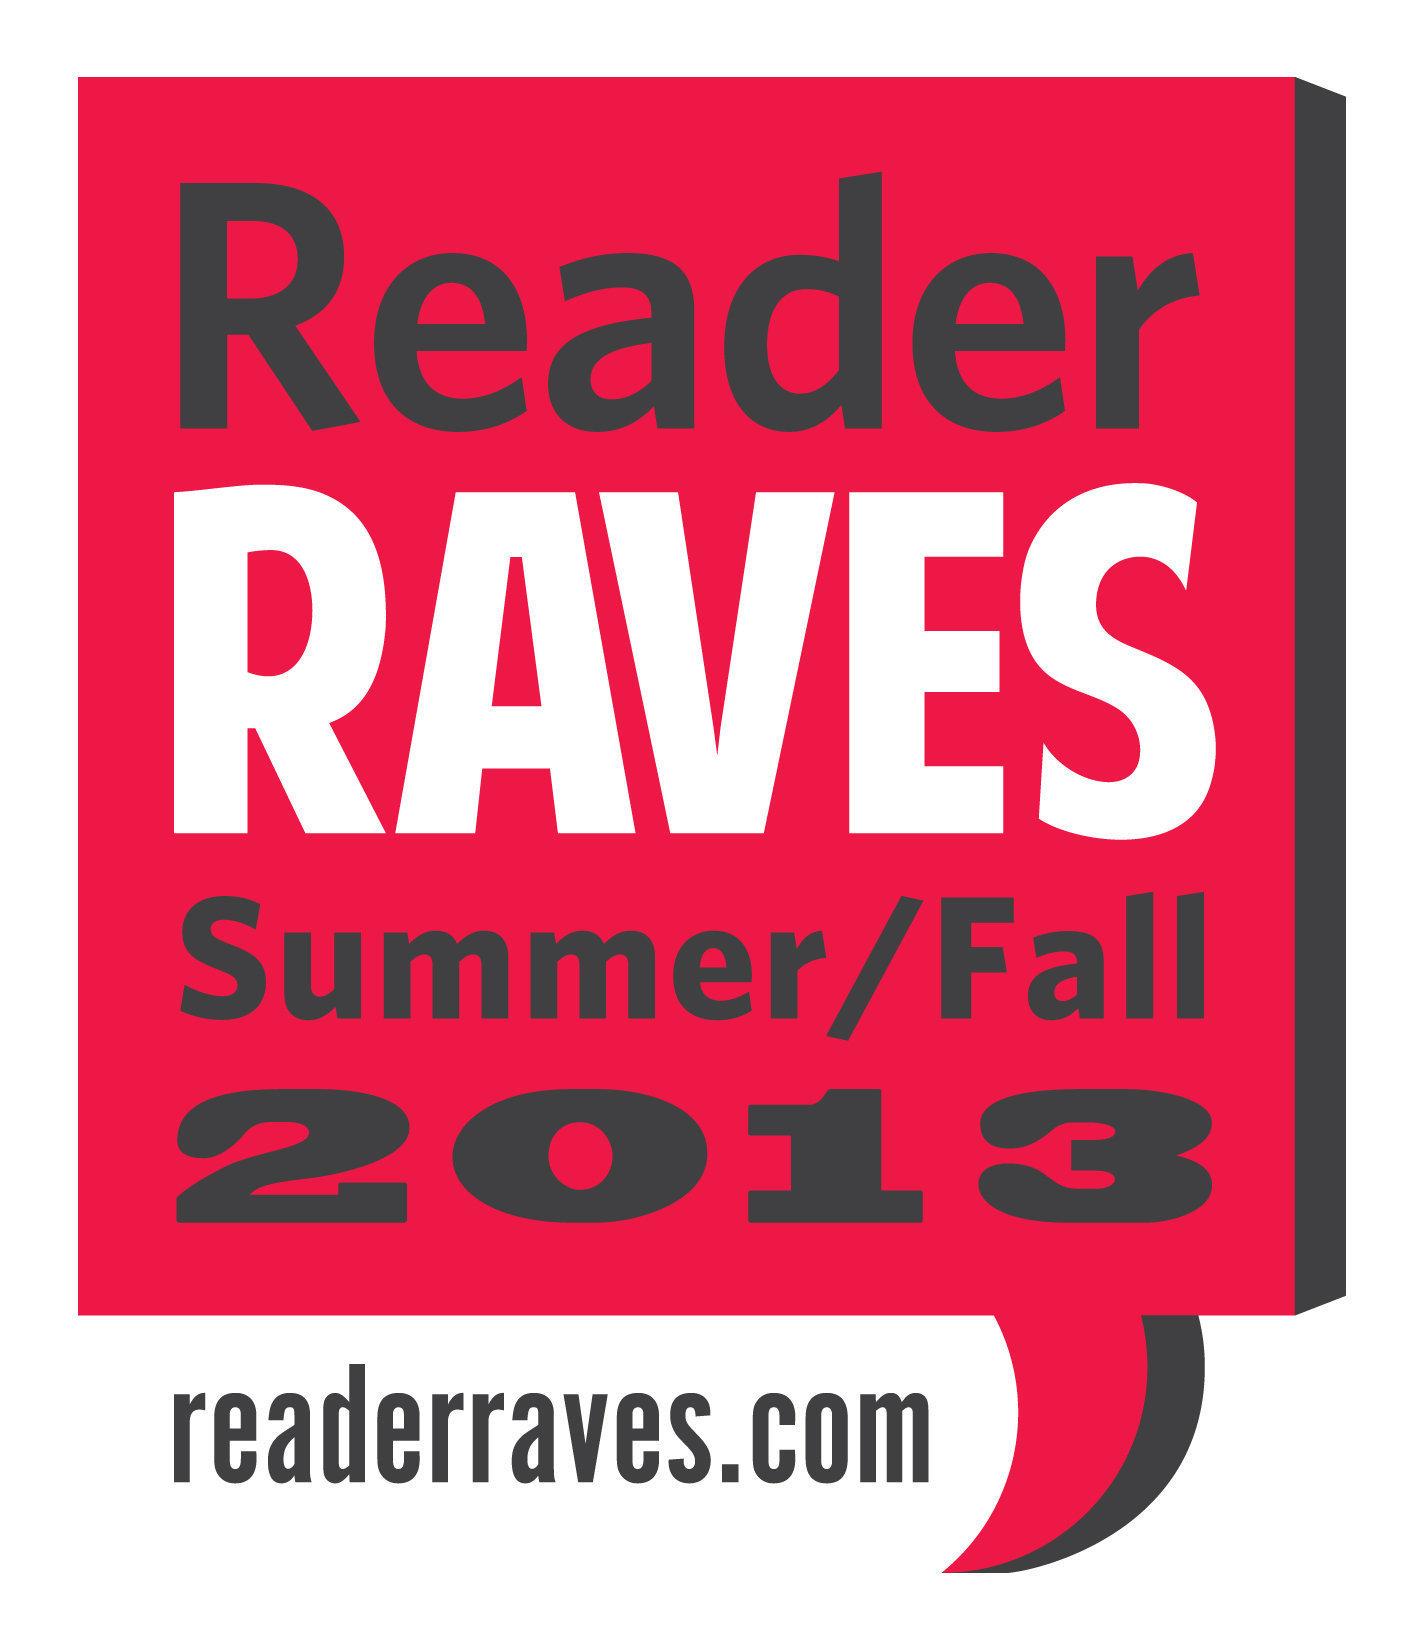 reader-raves-logo-summer-fall-2013-645525b81687125a.jpg